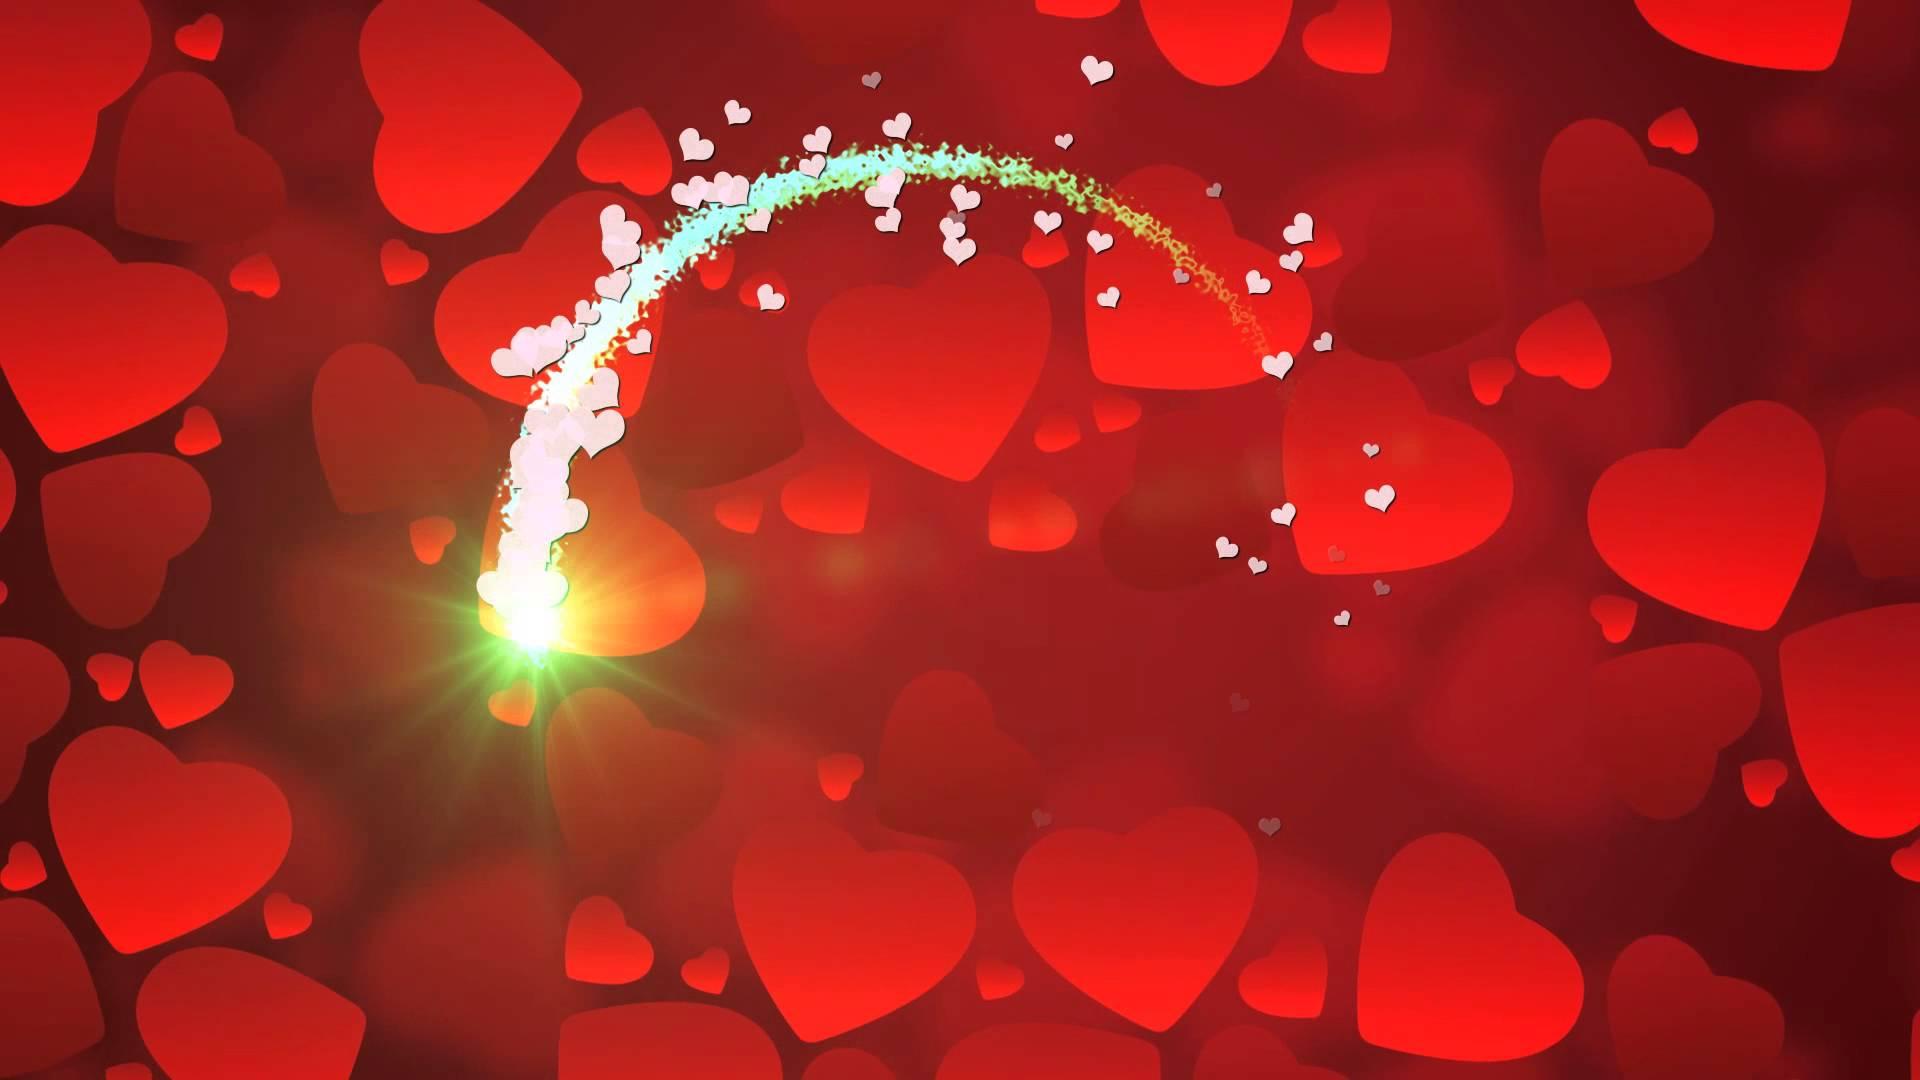 valentine background 12   HD video background 1920x1080